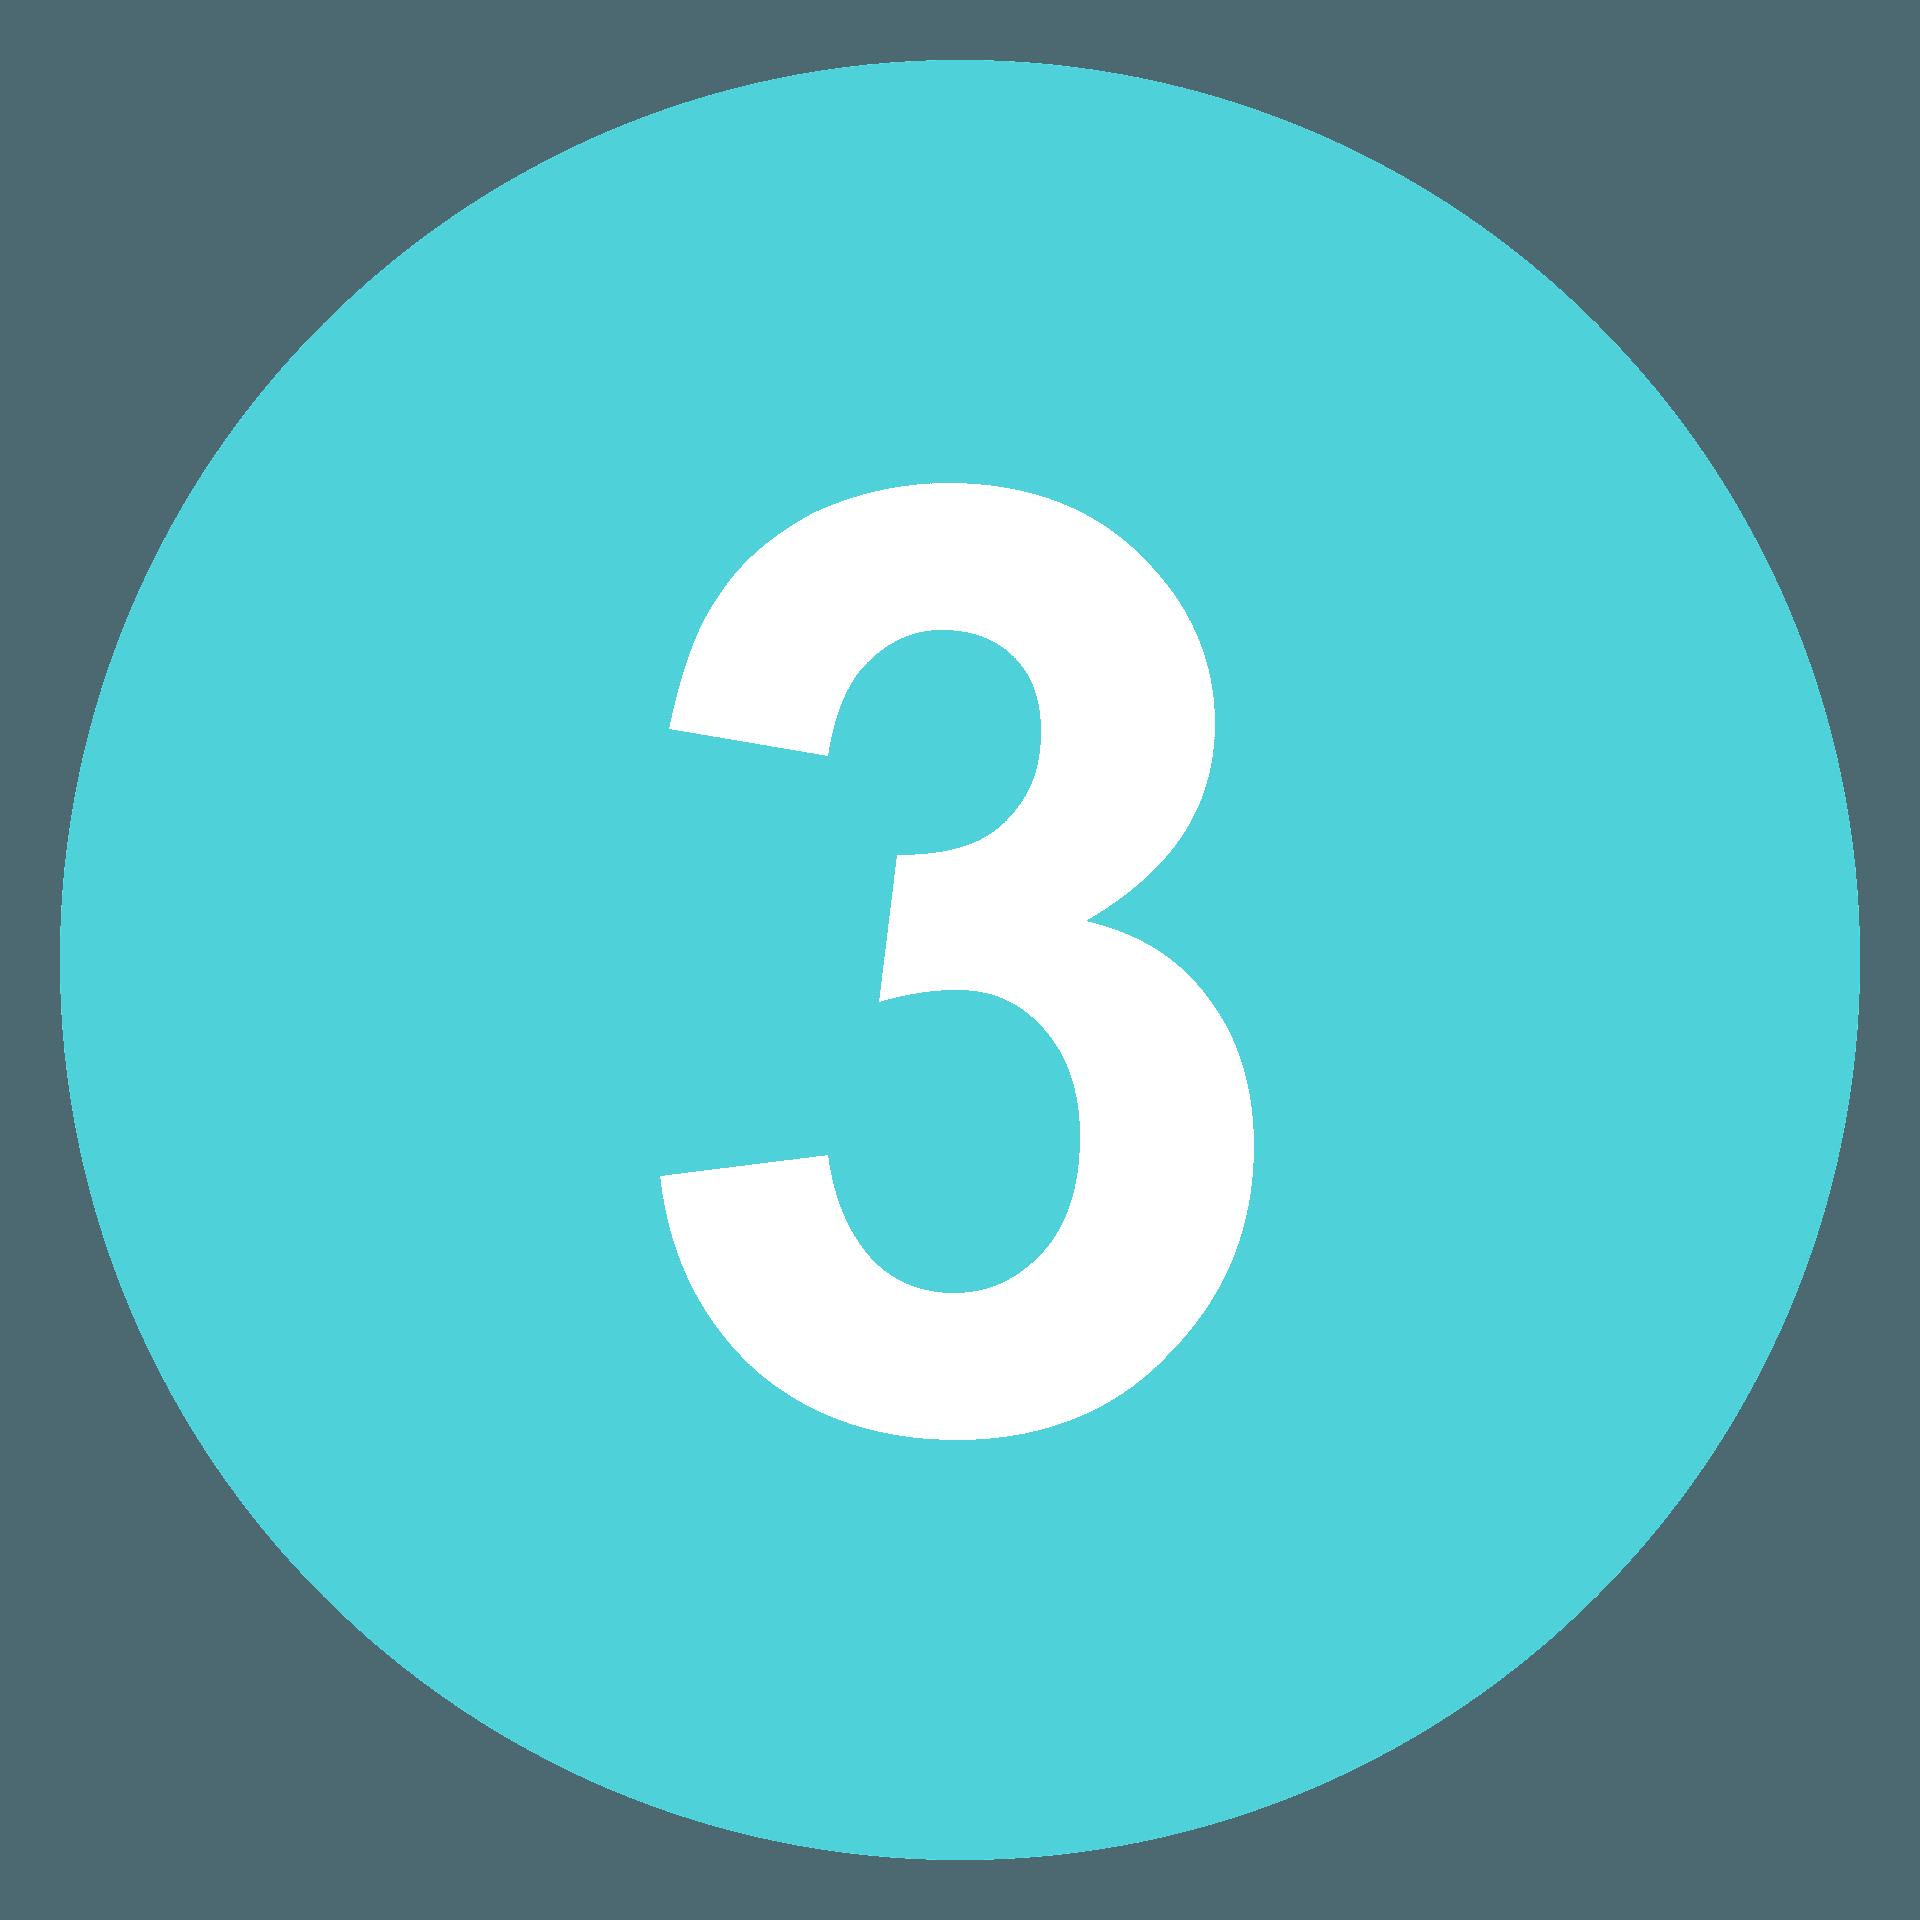 Keycap: 3 emoji clipart. Free download transparent .PNG | Creazilla